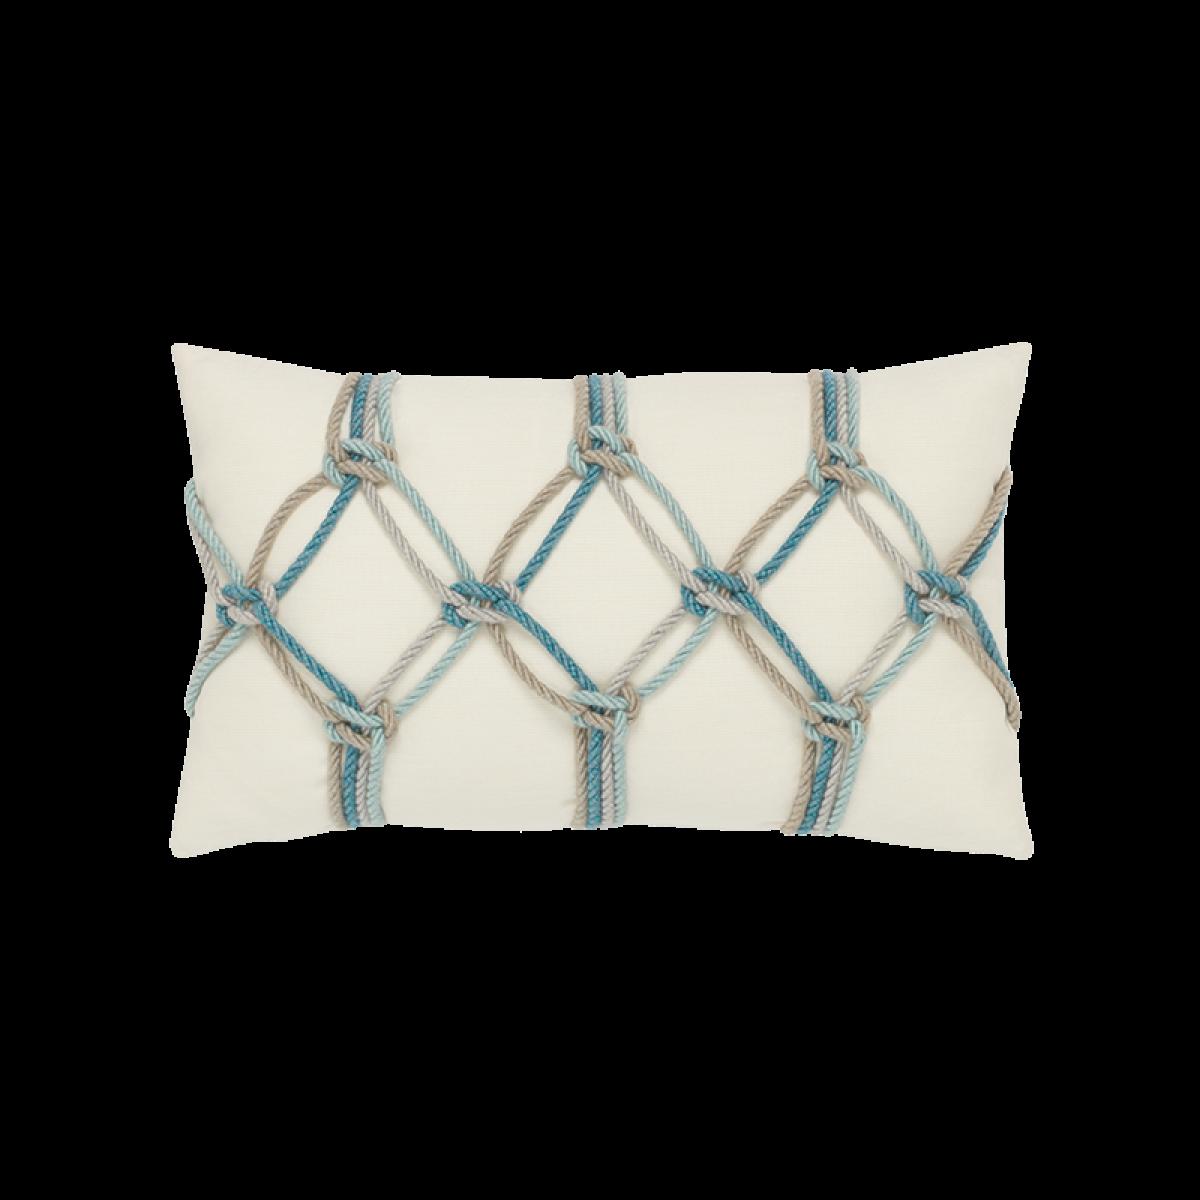 Aqua Rope Lumbar